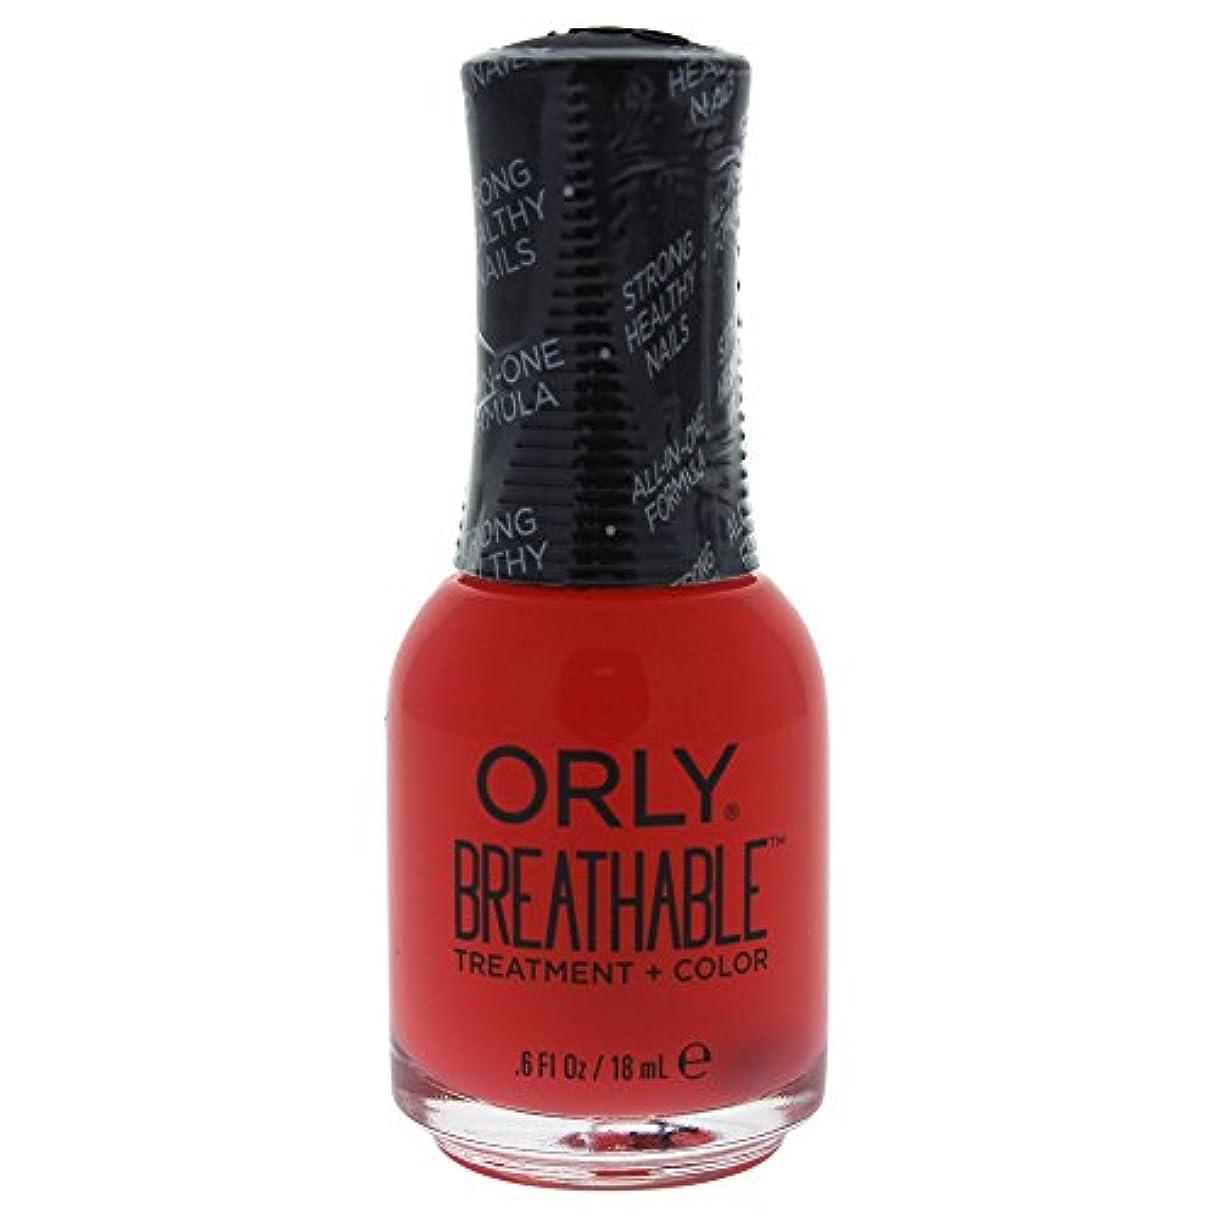 宅配便センチメートル二次Orly Breathable Treatment + Color Nail Lacquer - Sweet Serenity - 0.6oz / 18ml